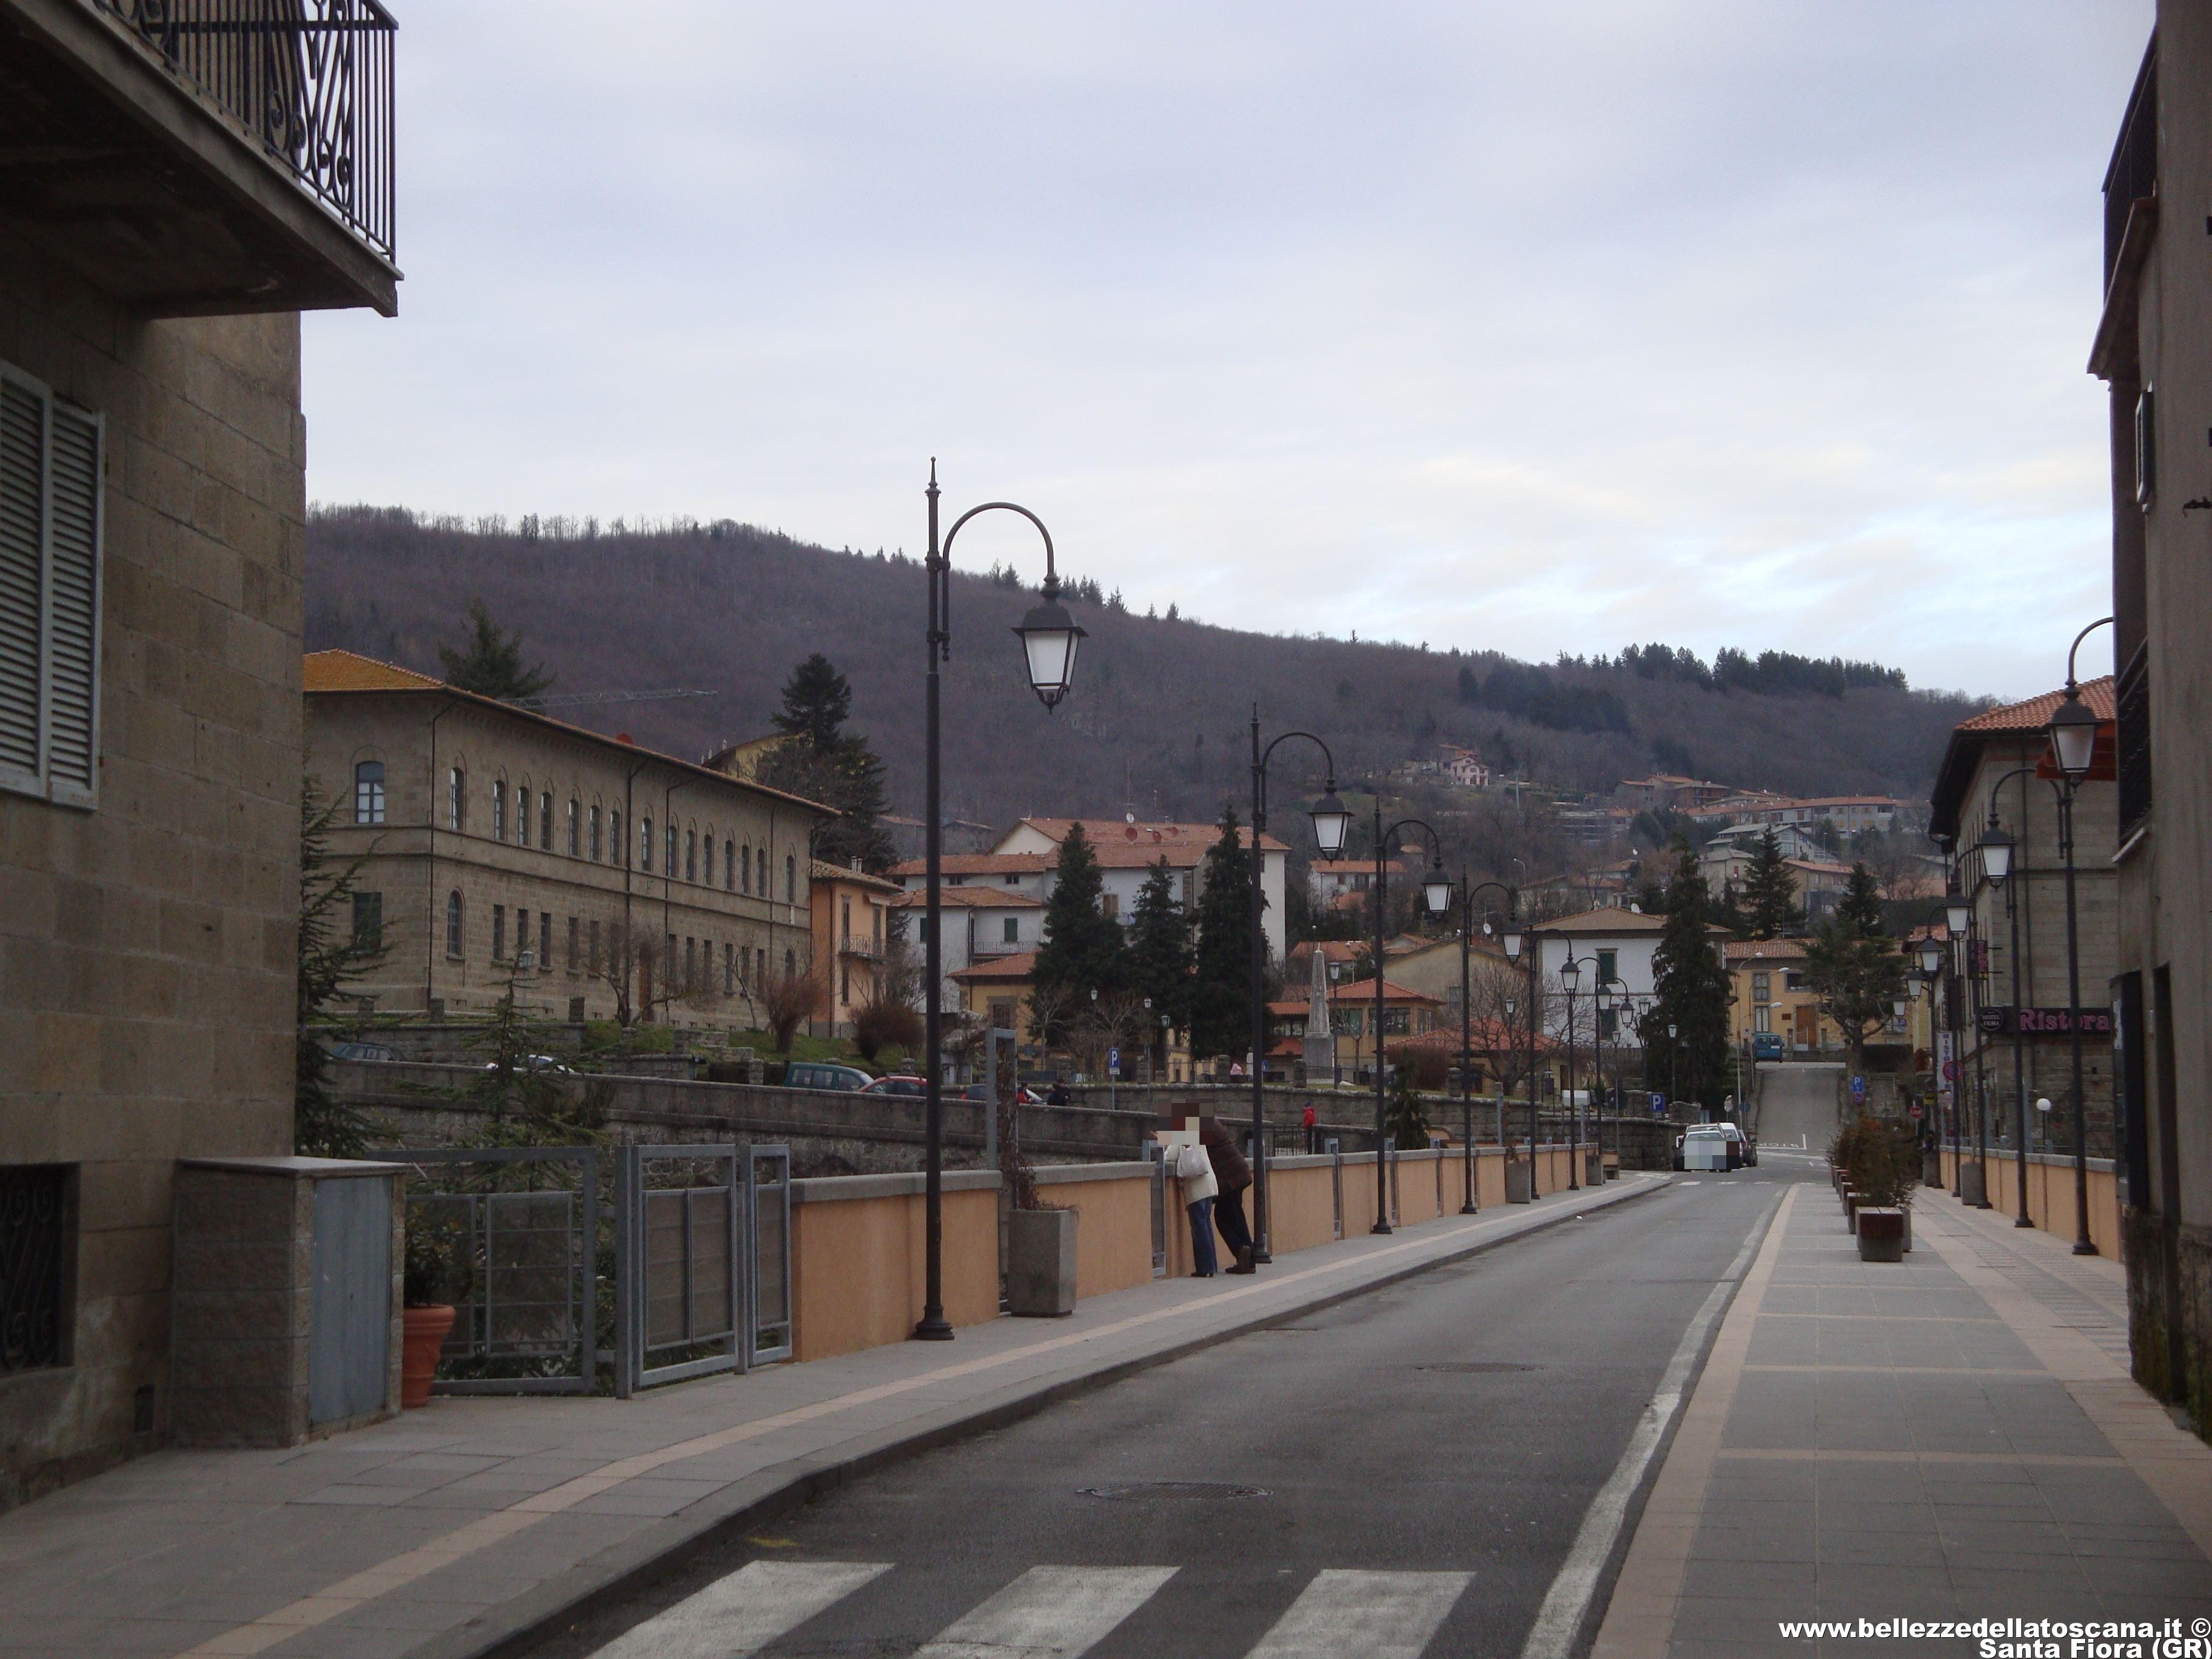 Posti Matrimonio Toscana : Fotografia di santa fiora gr bellezze della toscana